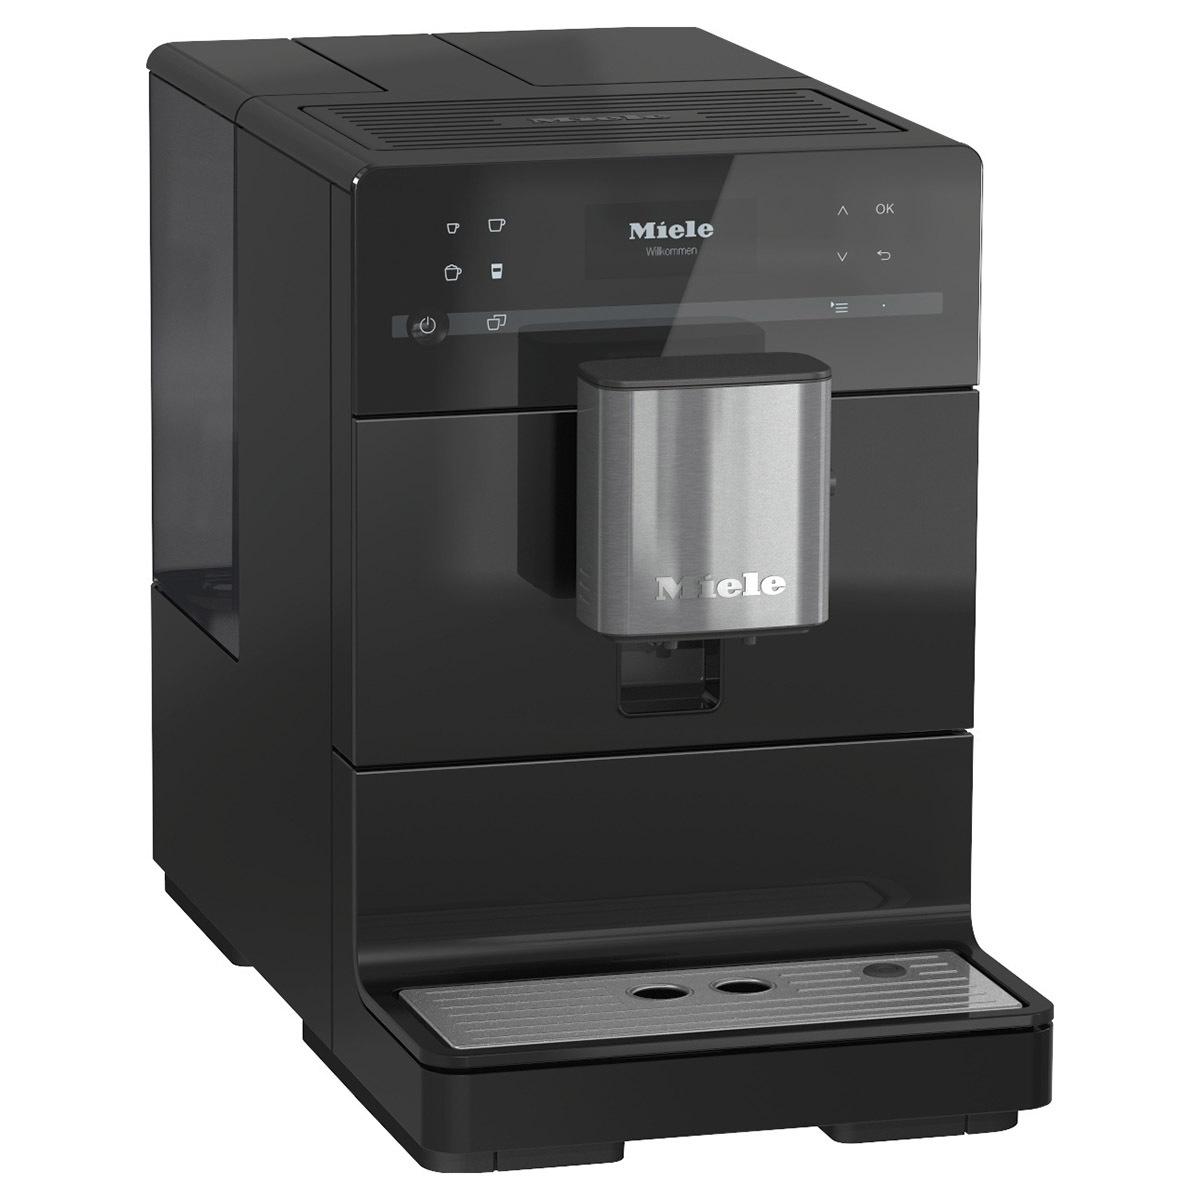 밀레 Miele 전자동 에스프레소 머신 Automatic Espresso Machine + 정품 커피원두 4팩증정, CM5300